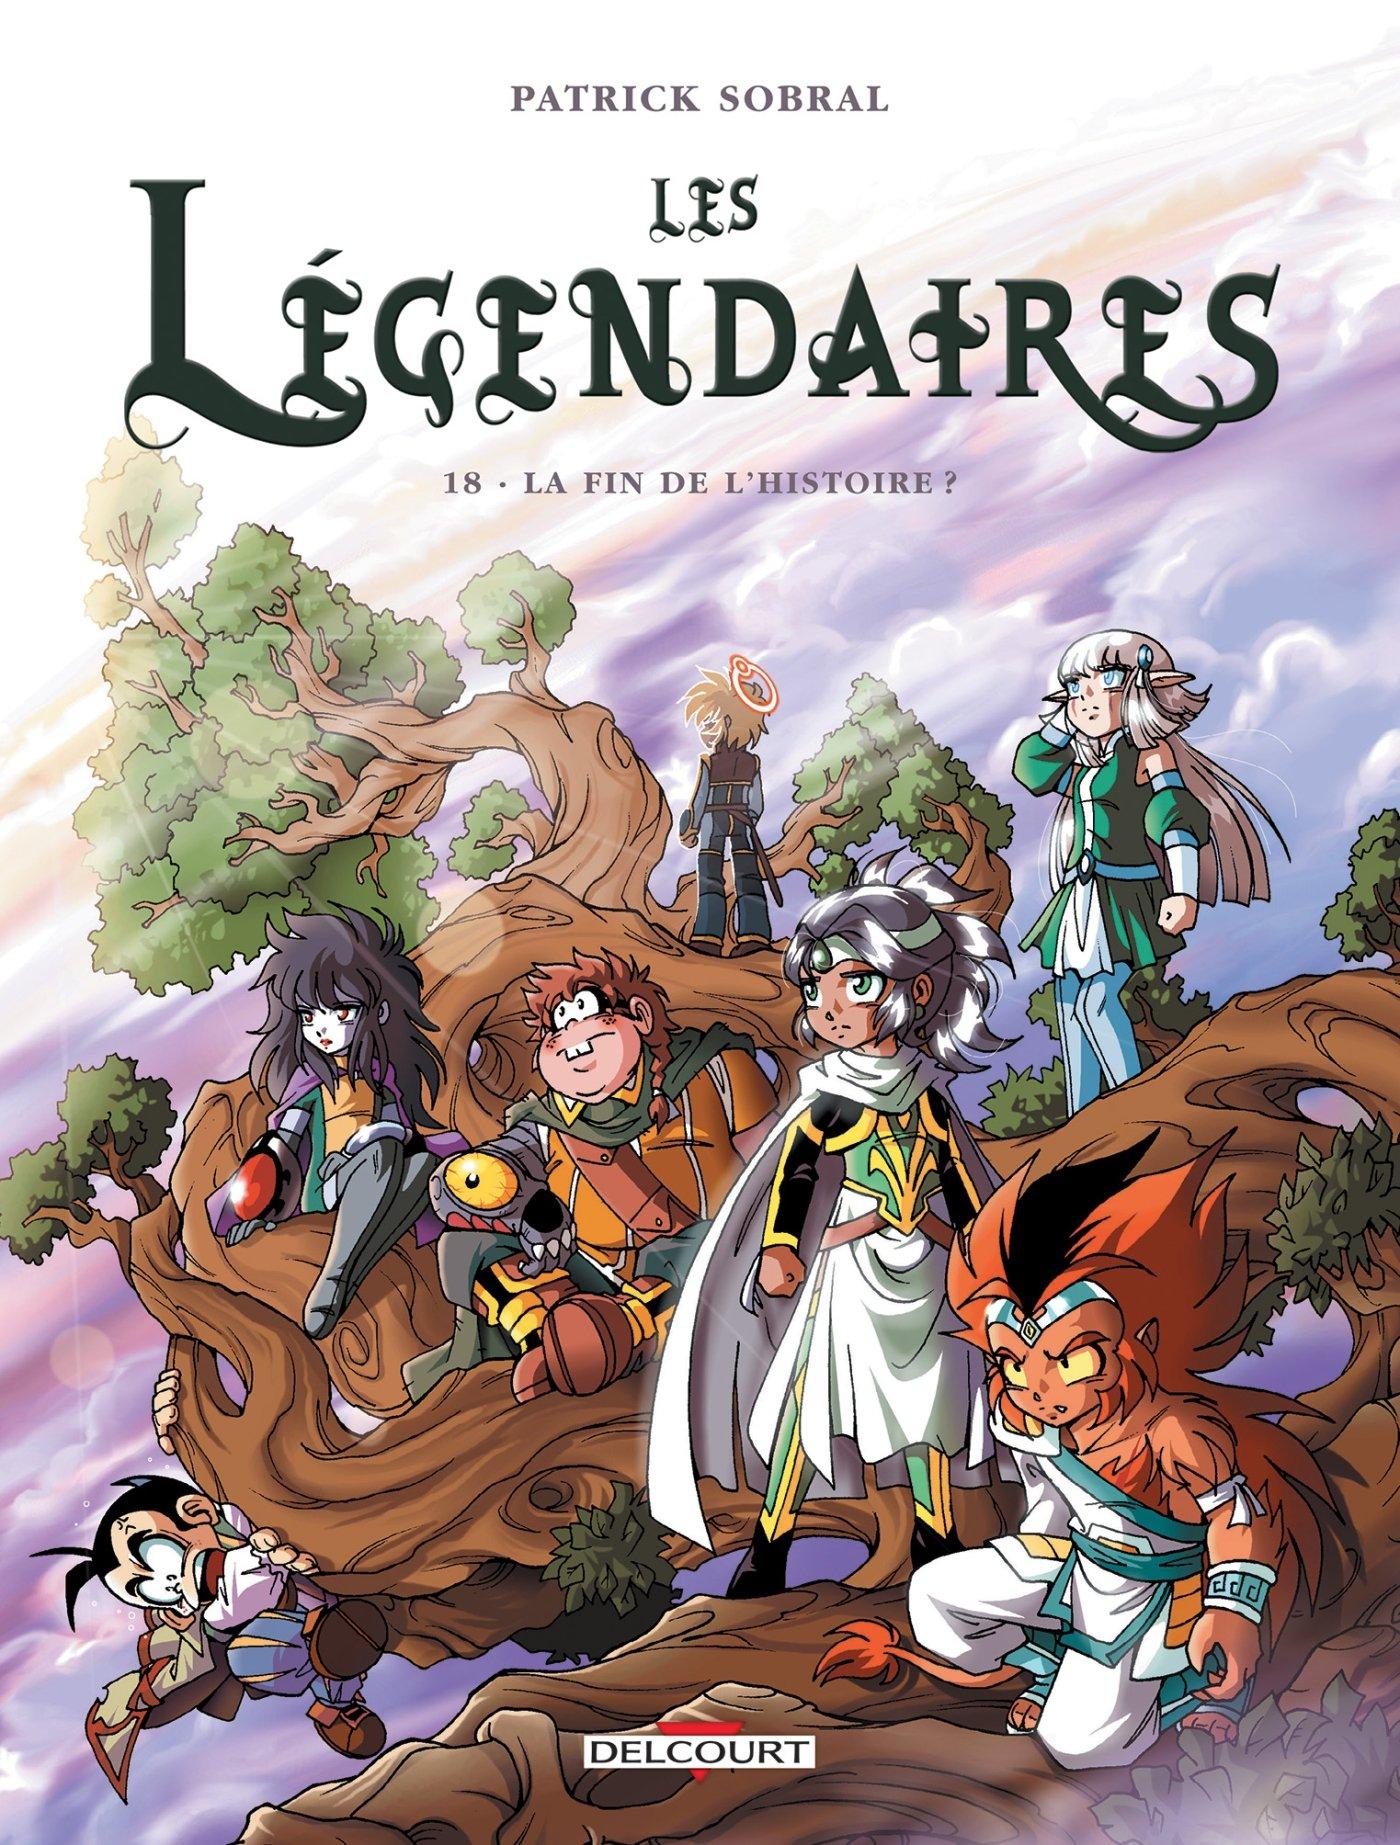 Les Légendaires, tome 18 : La Fin de l'histoire Album – 7 octobre 2015 Patrick Sobral Delcourt 2756053570 Bandes dessinées